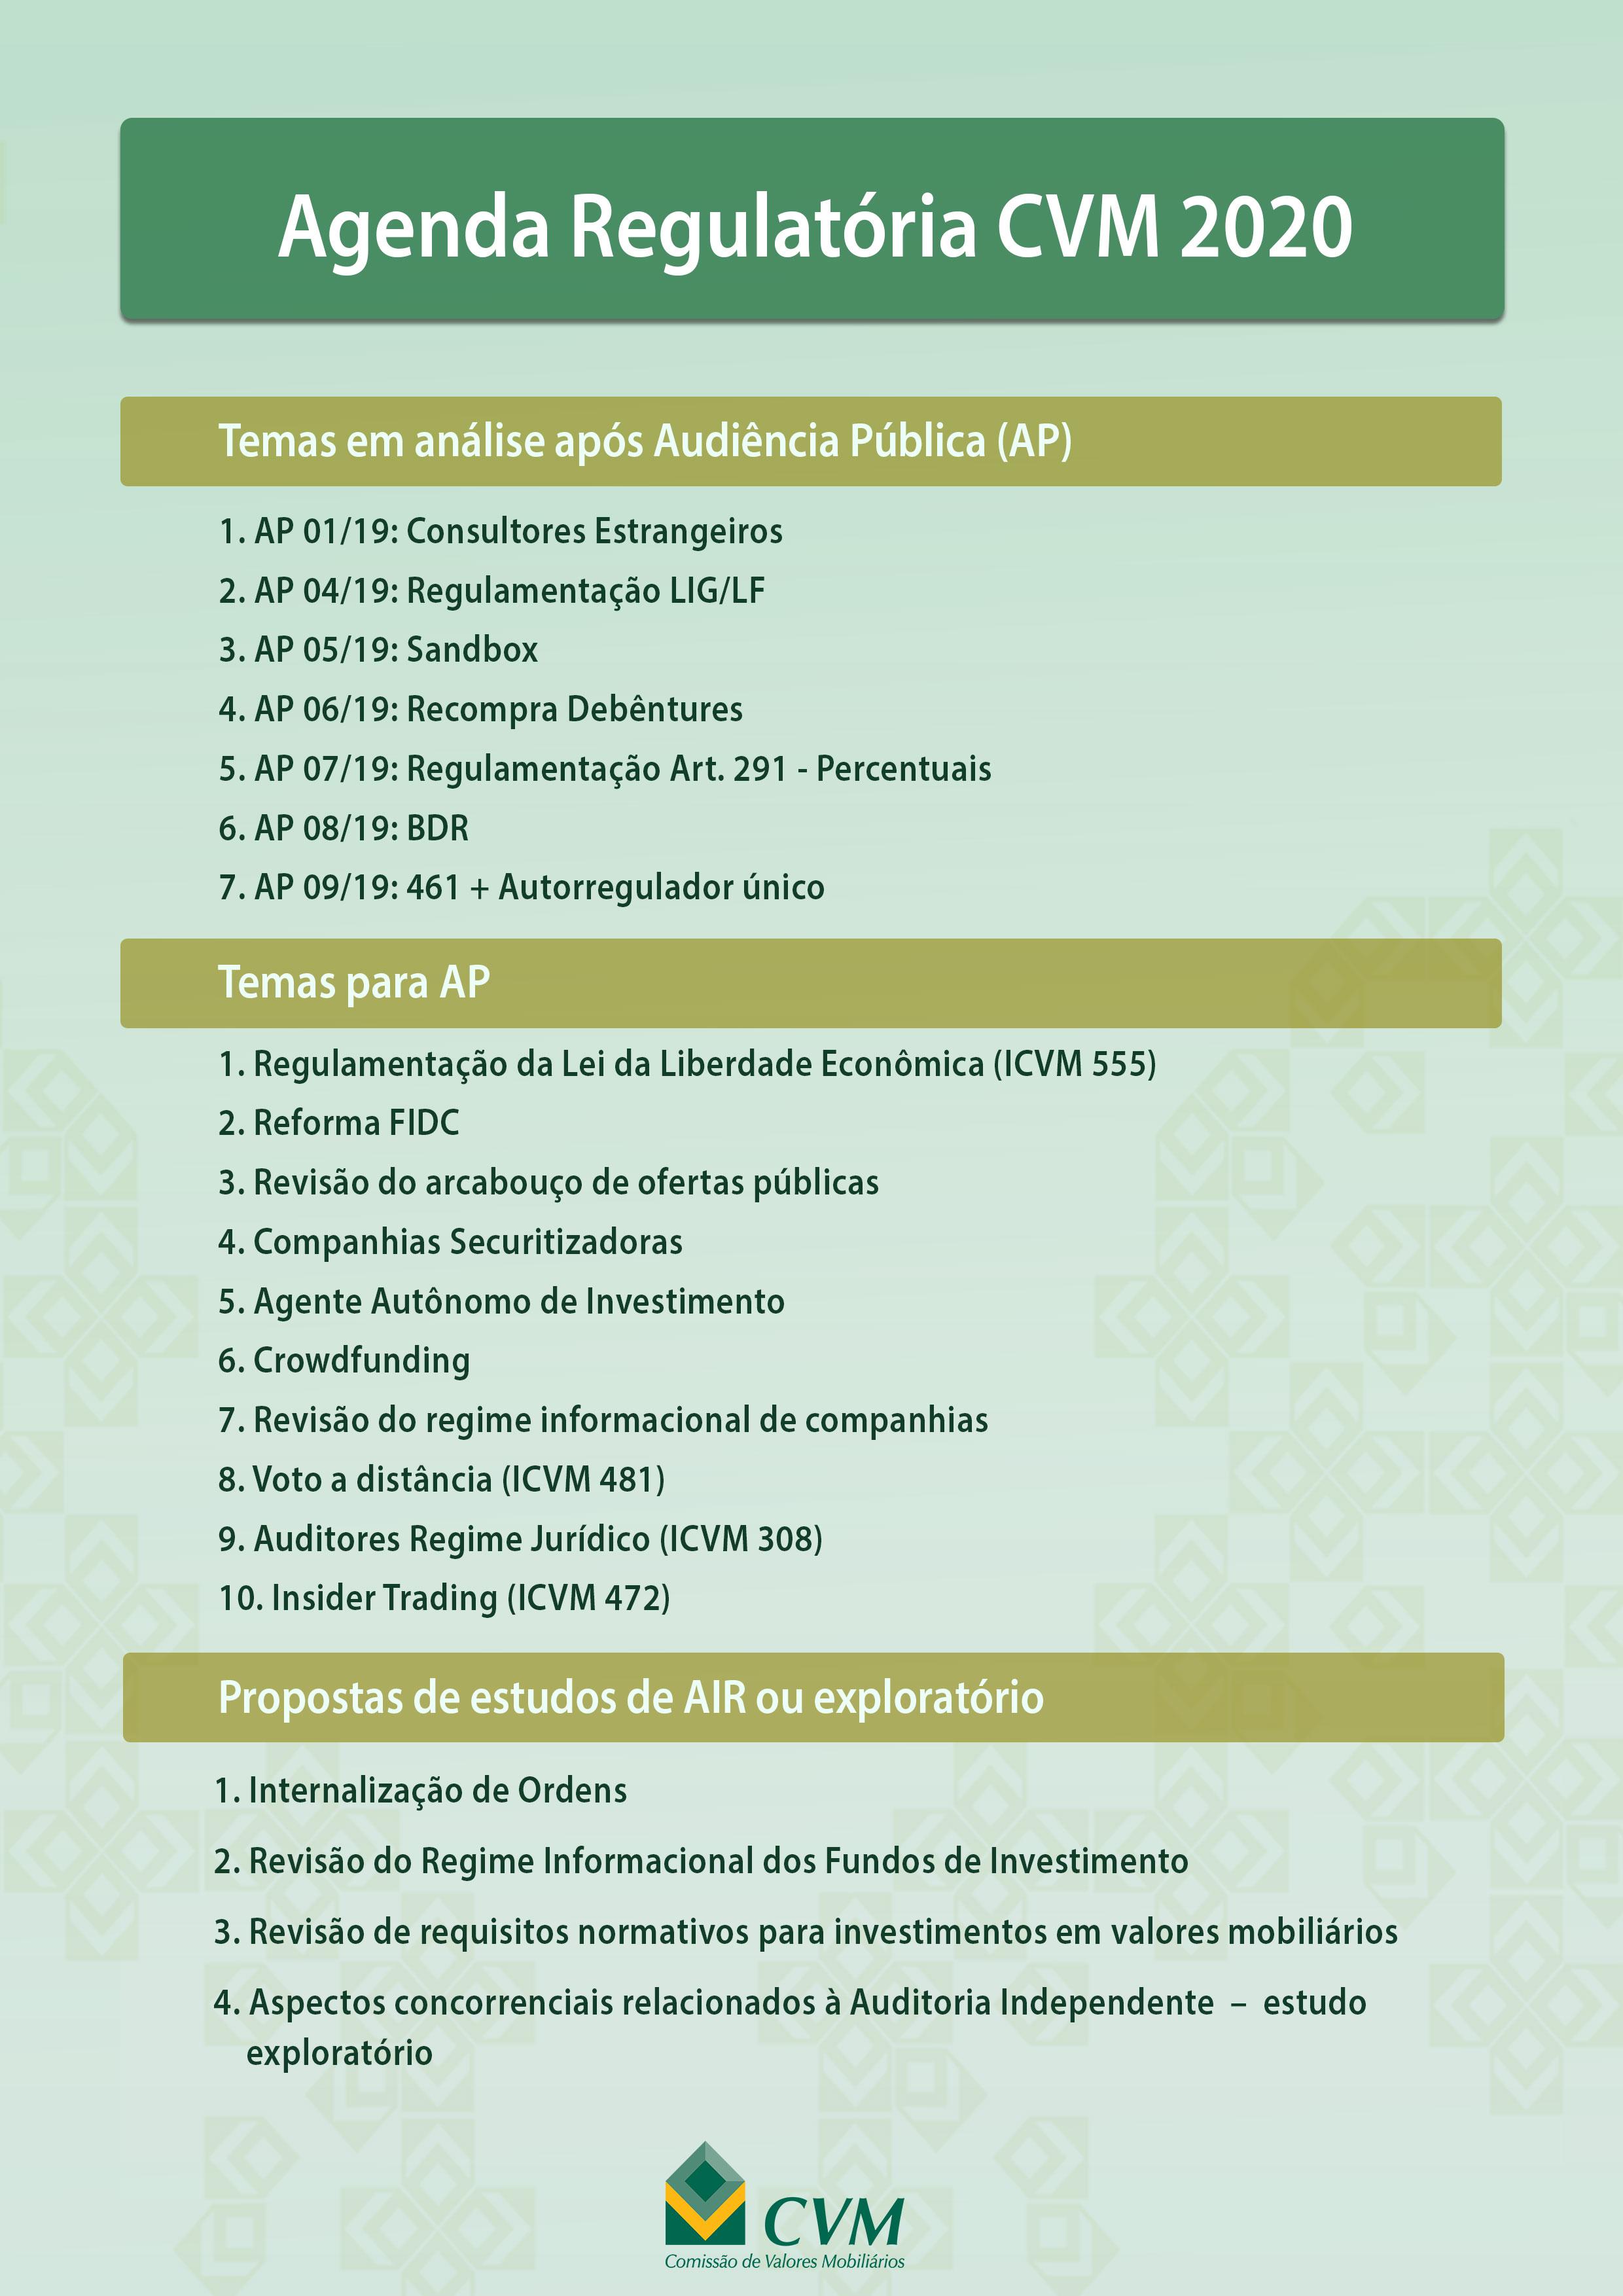 Agenda regulatoria CVM